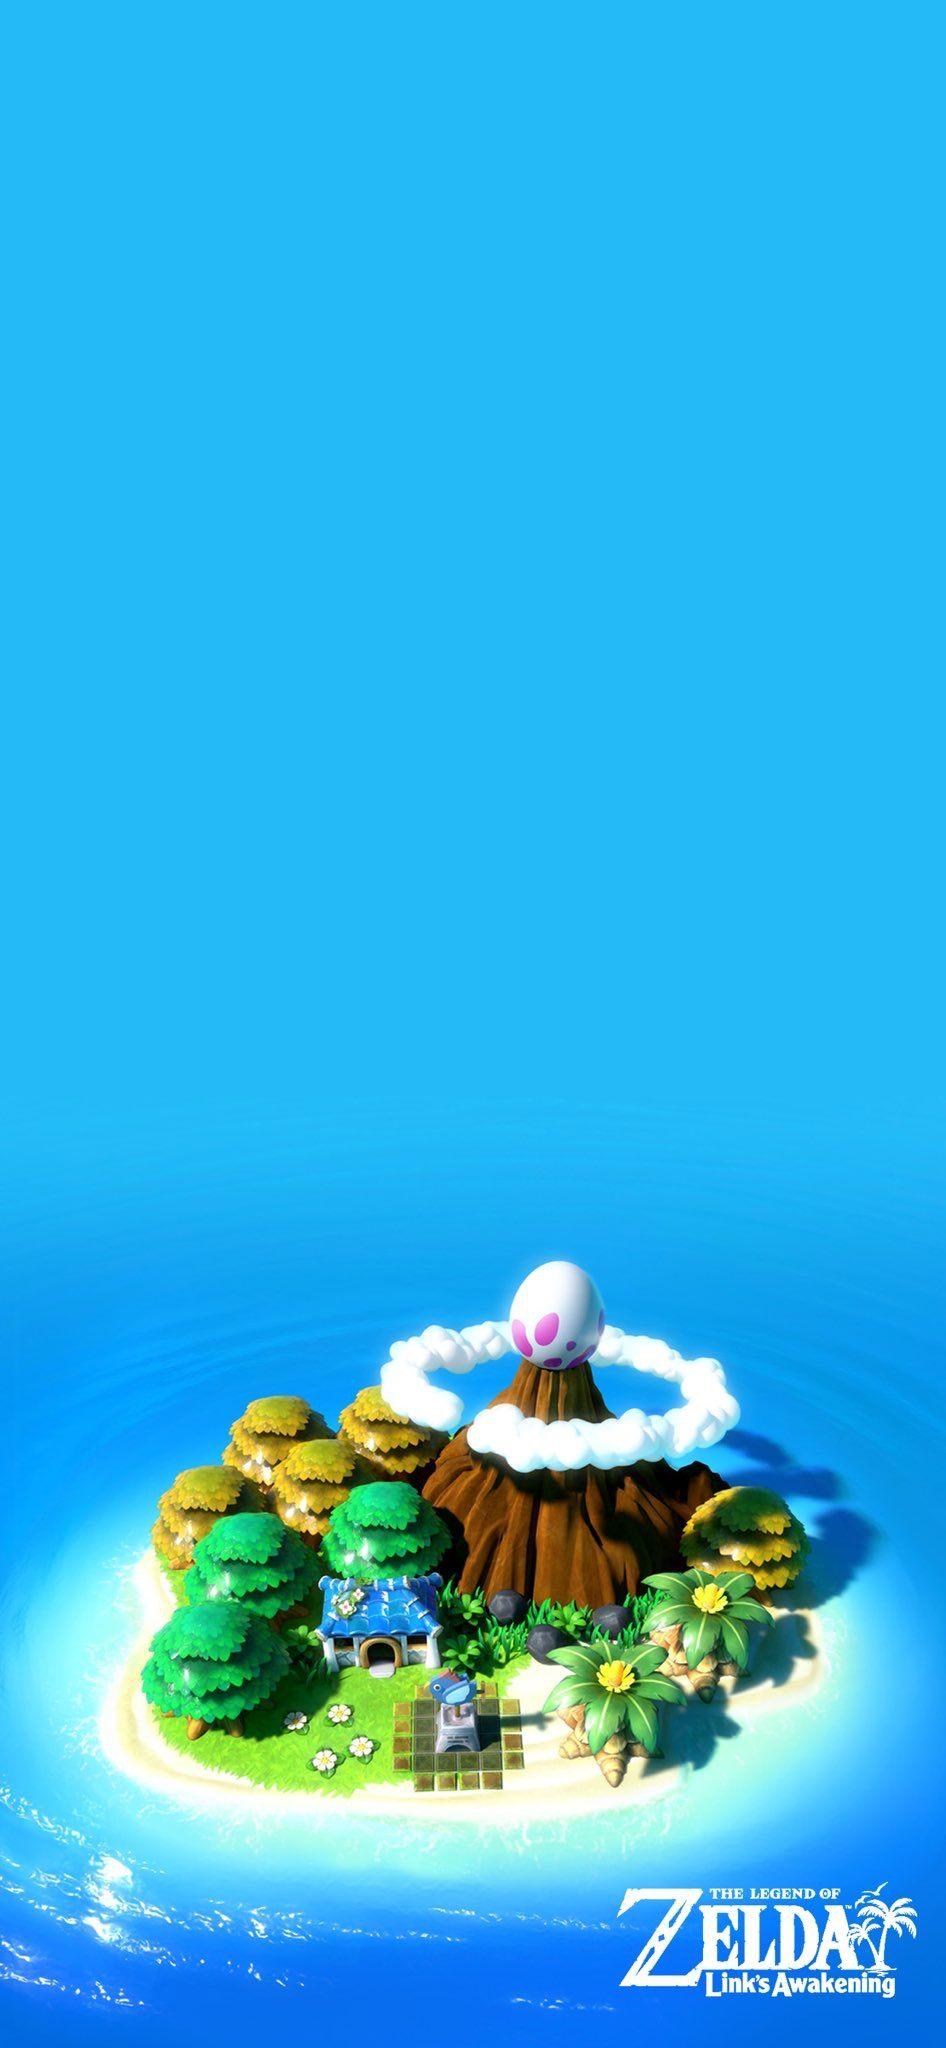 Zelda Link S Awakening Wallpaper Iphone X Game Wallpaper